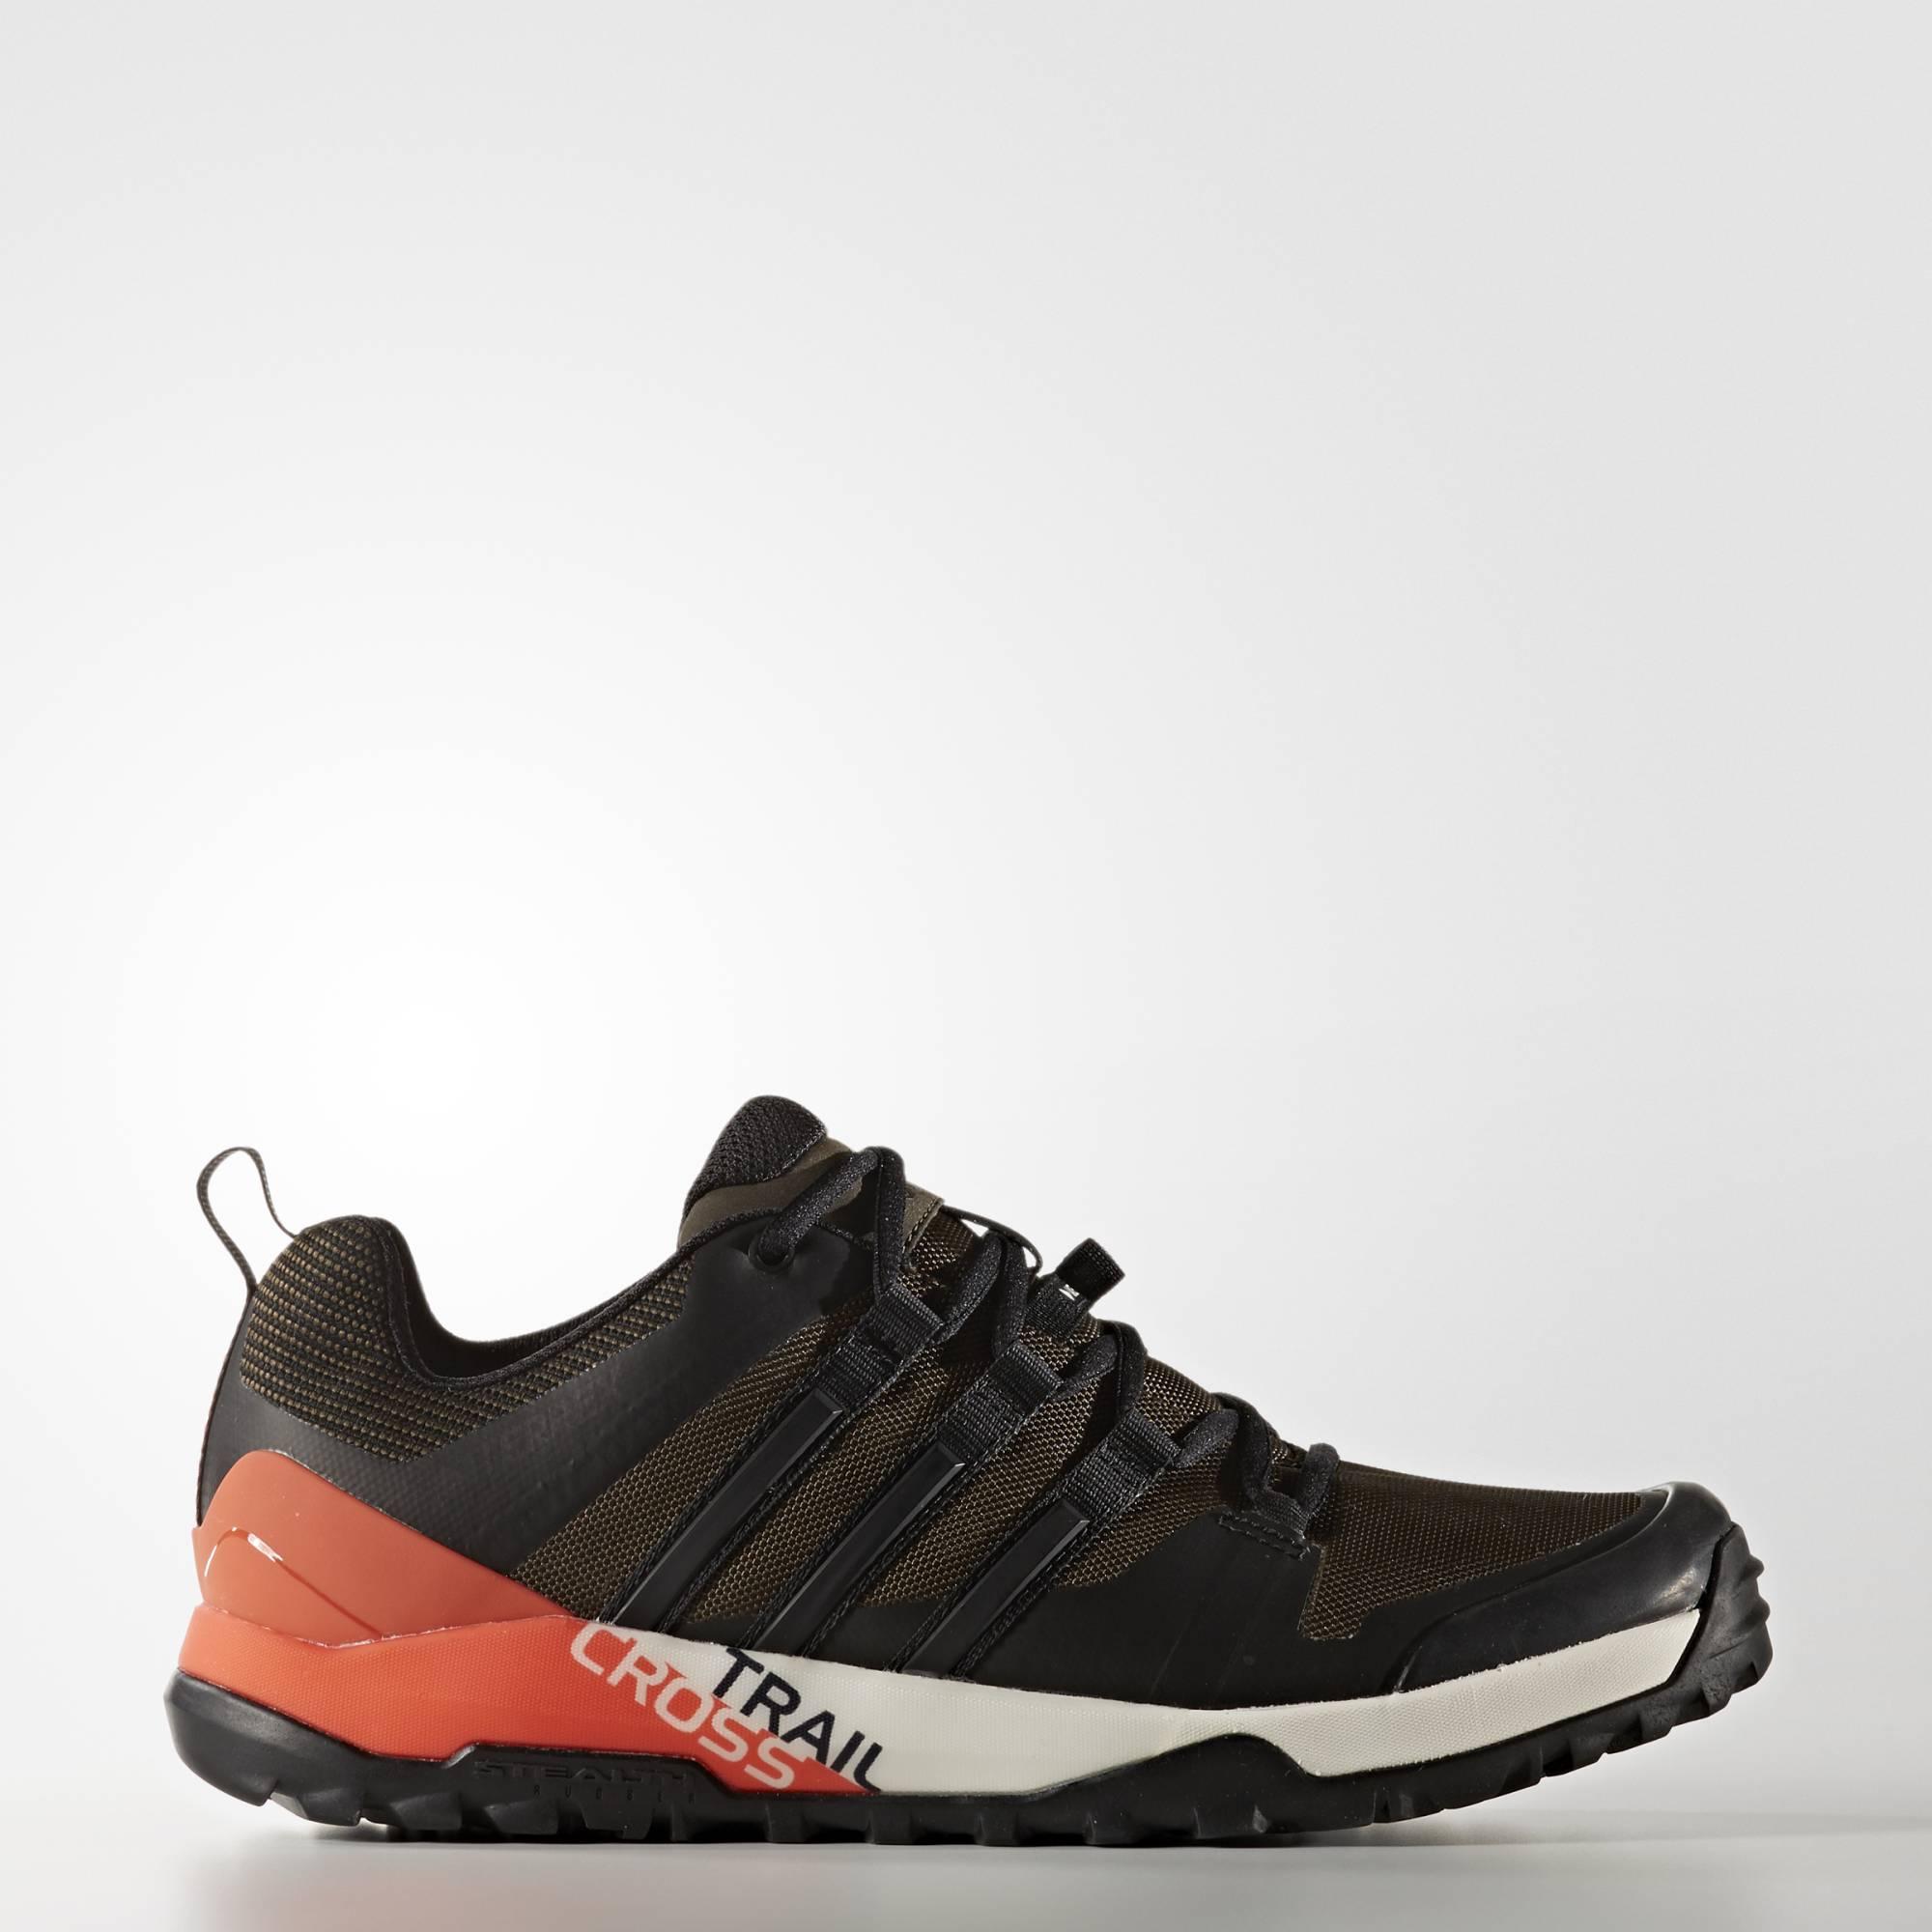 negozio scarpe adidas potenza